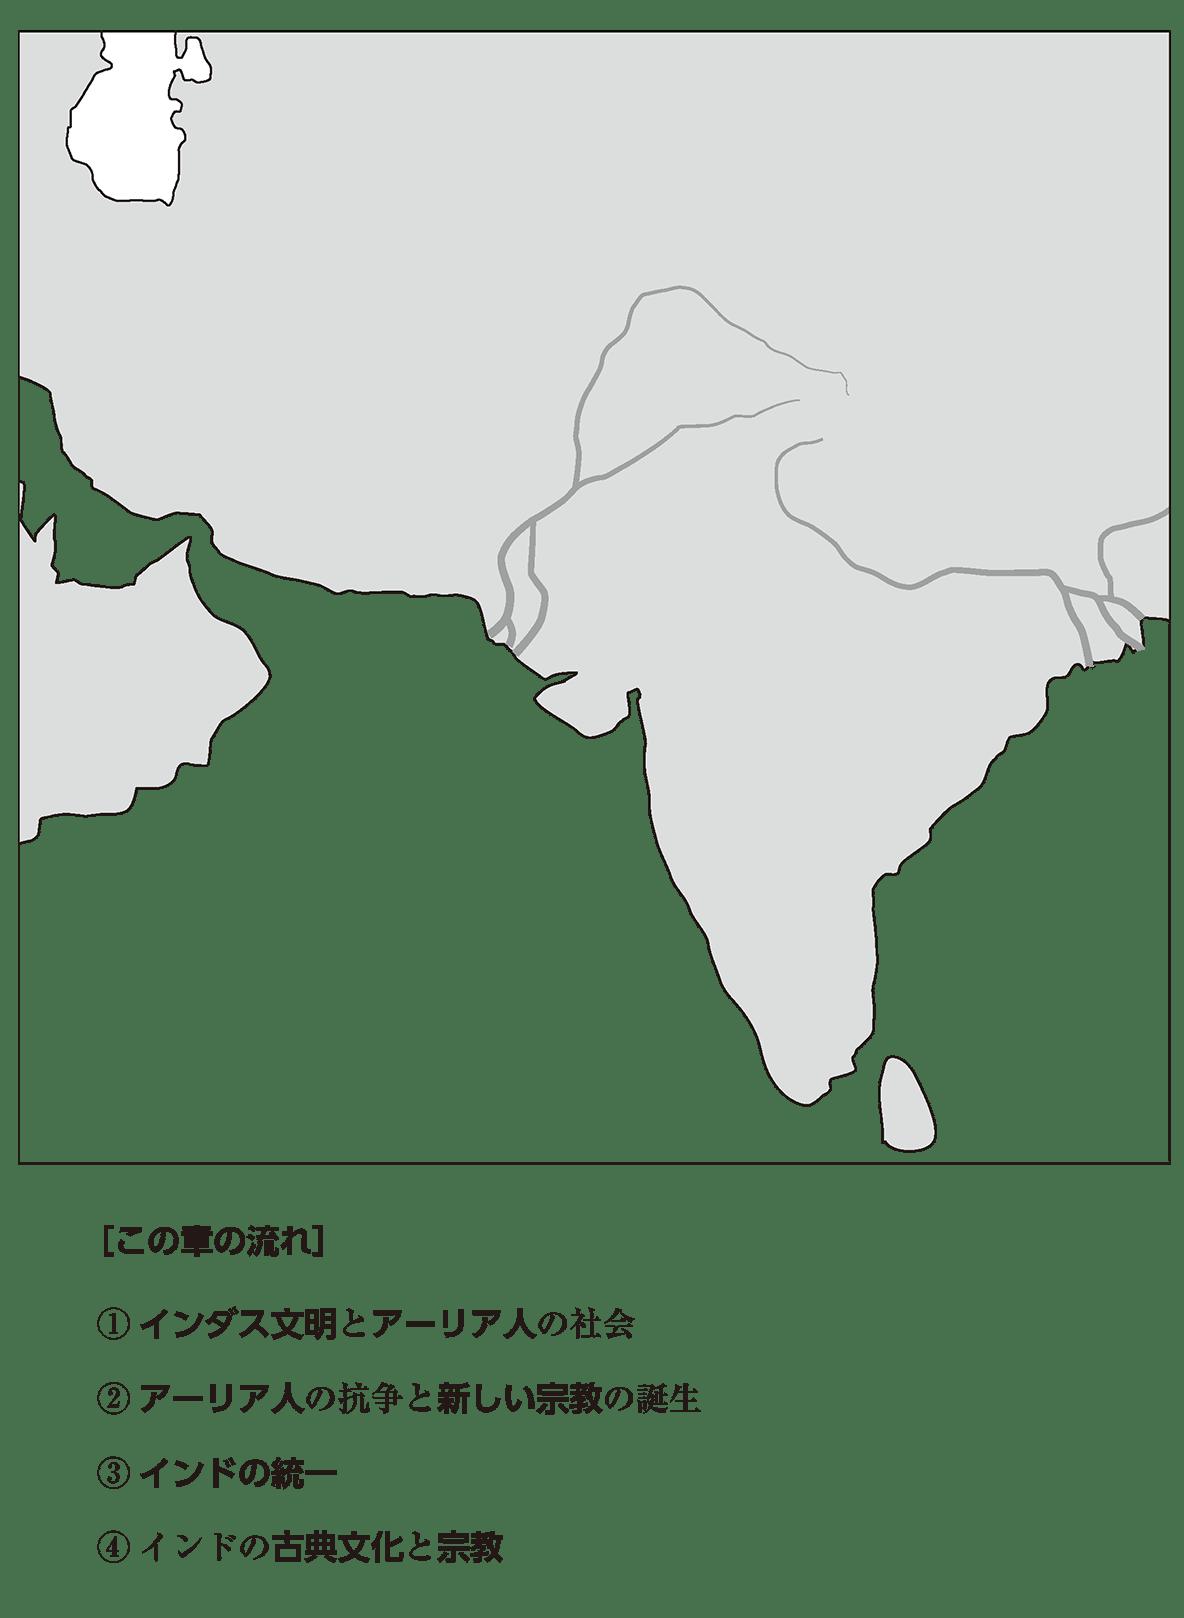 高校世界史 インドの古典文明0 右ページ地図+下部テキスト